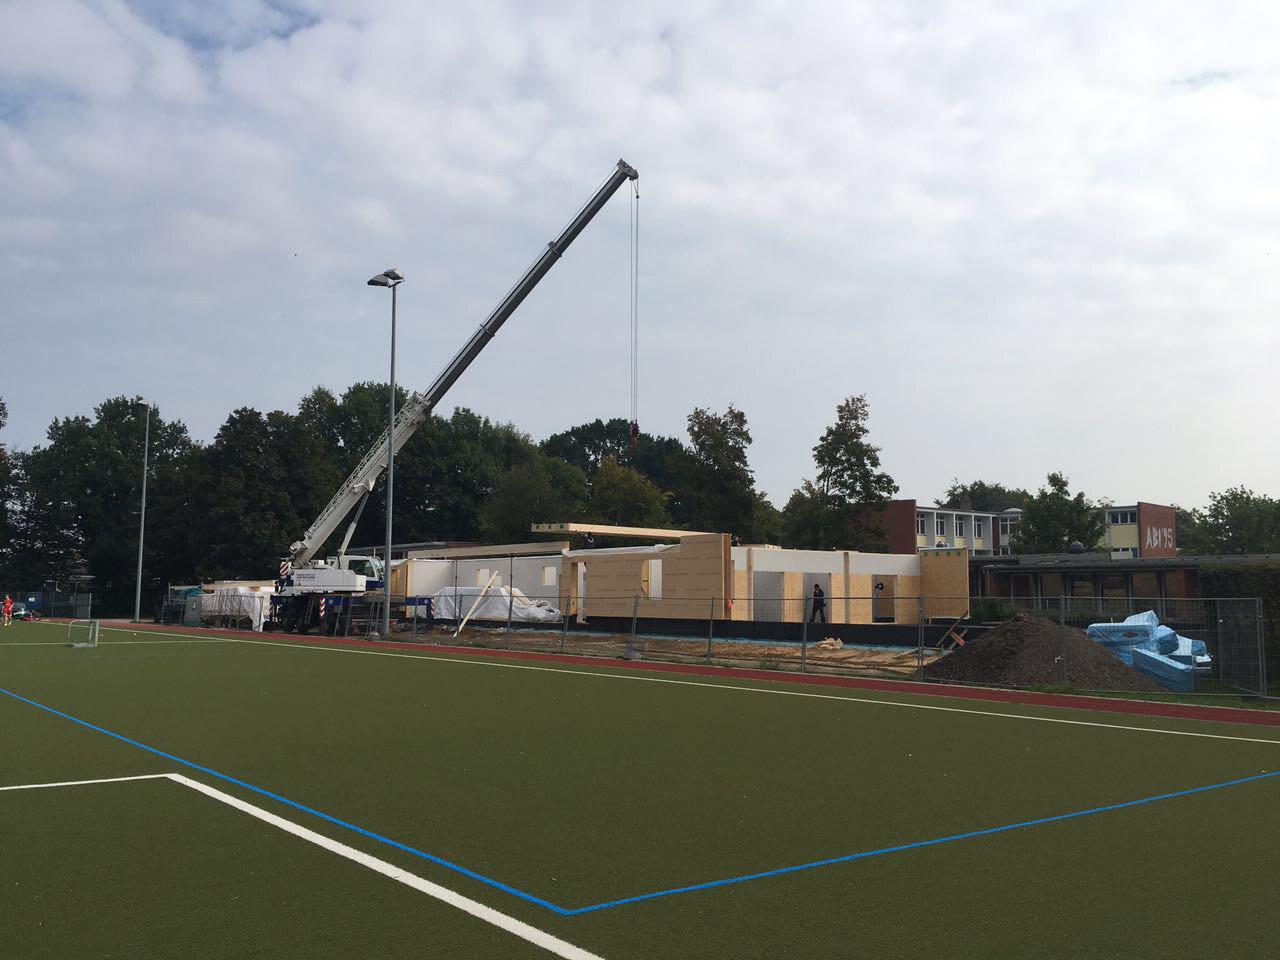 Neues Sportzentrum Für Den Niendorfer TSV